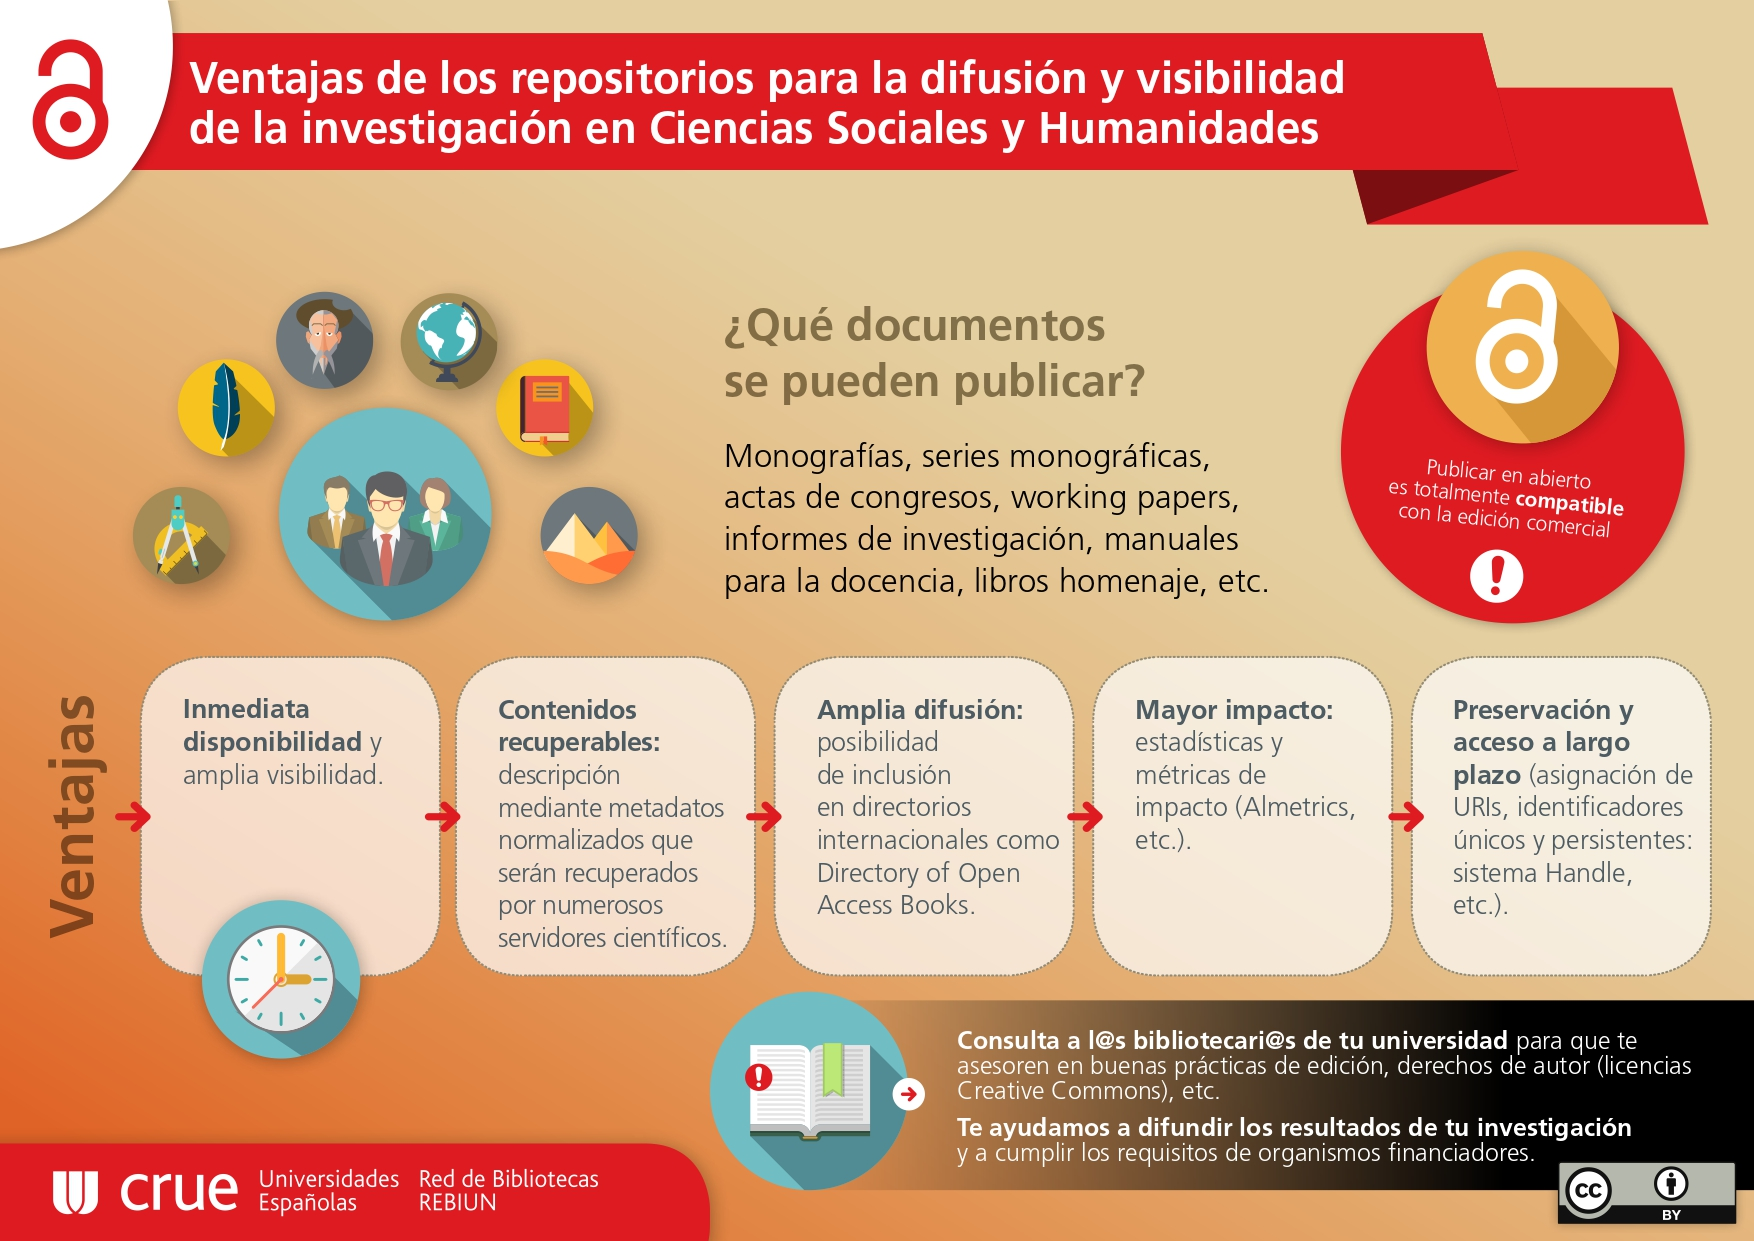 es_iiipe_linea2_subgoa_2016_infografias_castellano_pages-to-jpg-0001